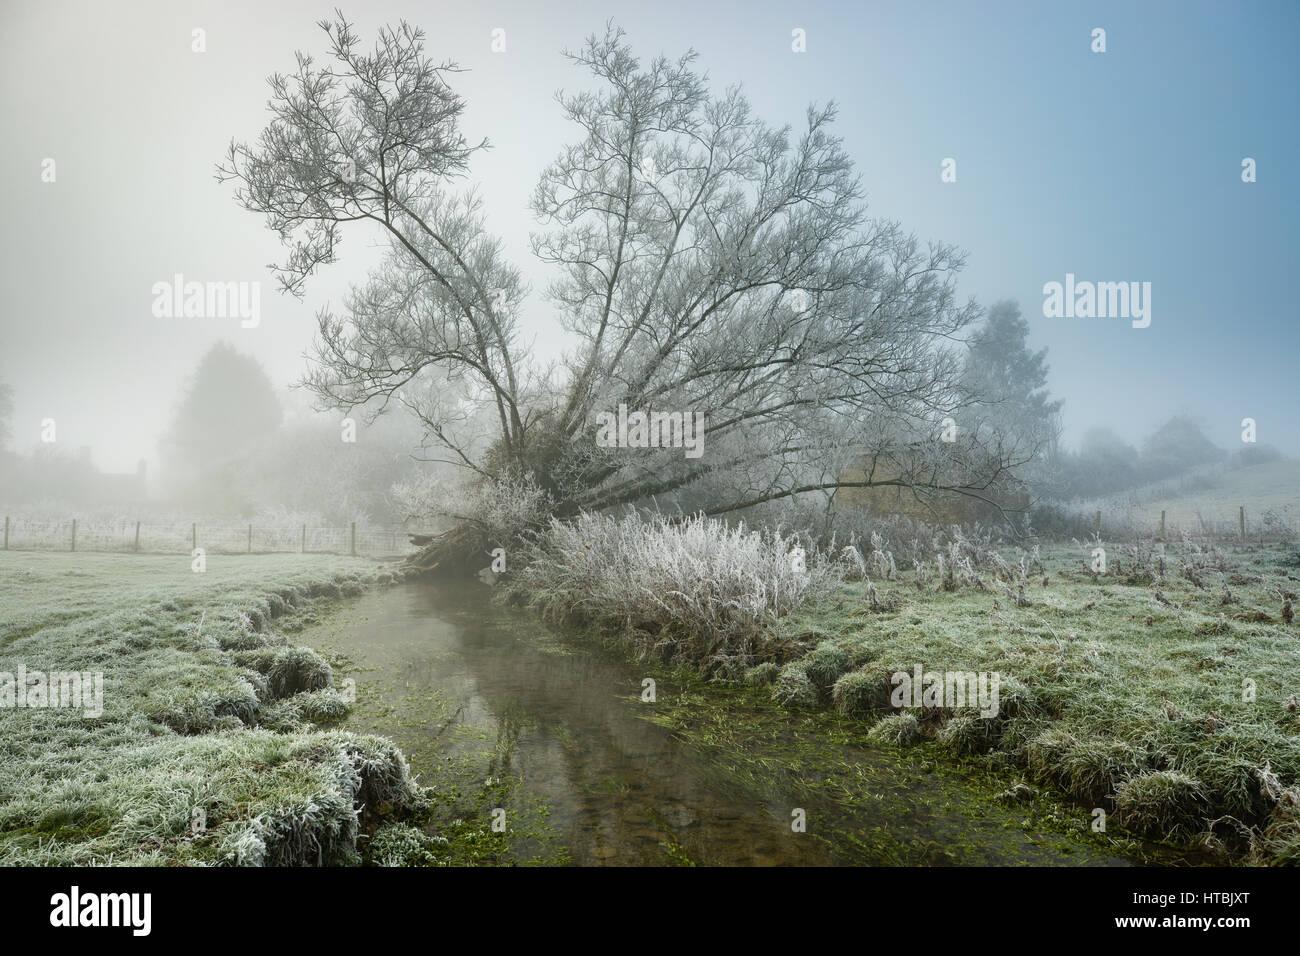 Ein nebliger, frostigen Morgen an den Ufern des Gascoigne, Kingsbury, Milborne Port, Somerset, England, UK Stockbild